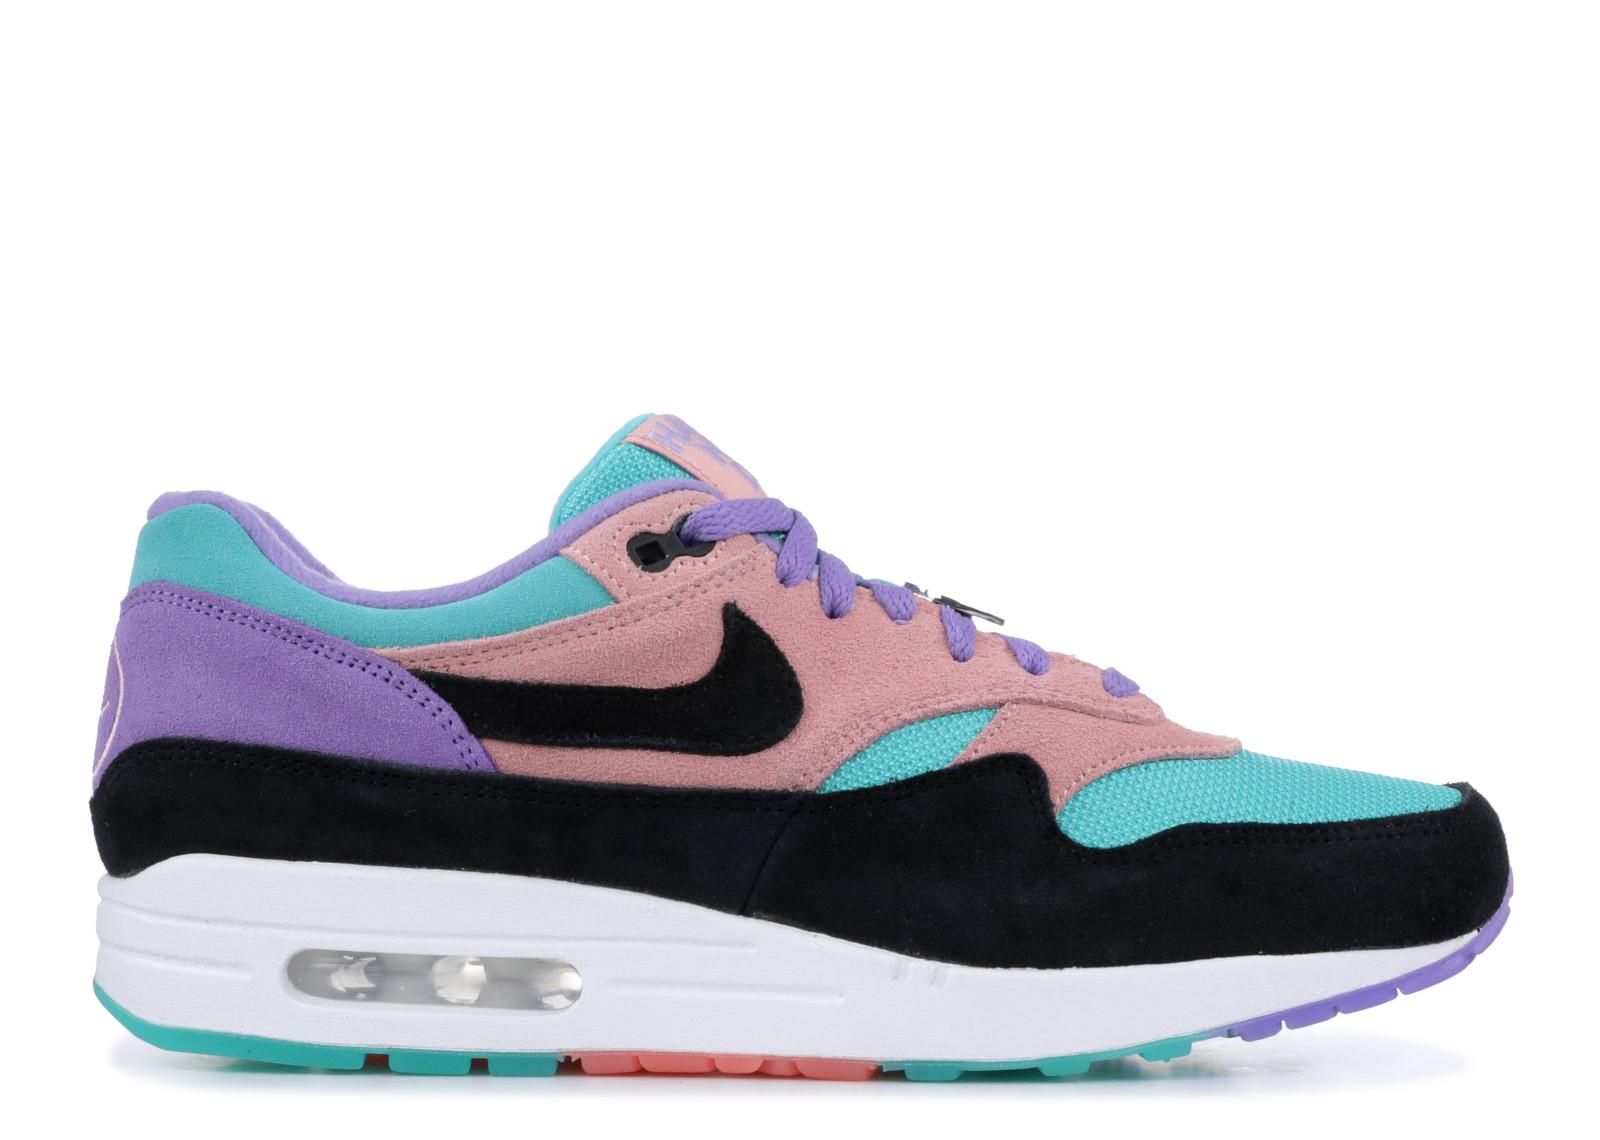 e036476f3da9c Kick Avenue - Authentic Sneakers